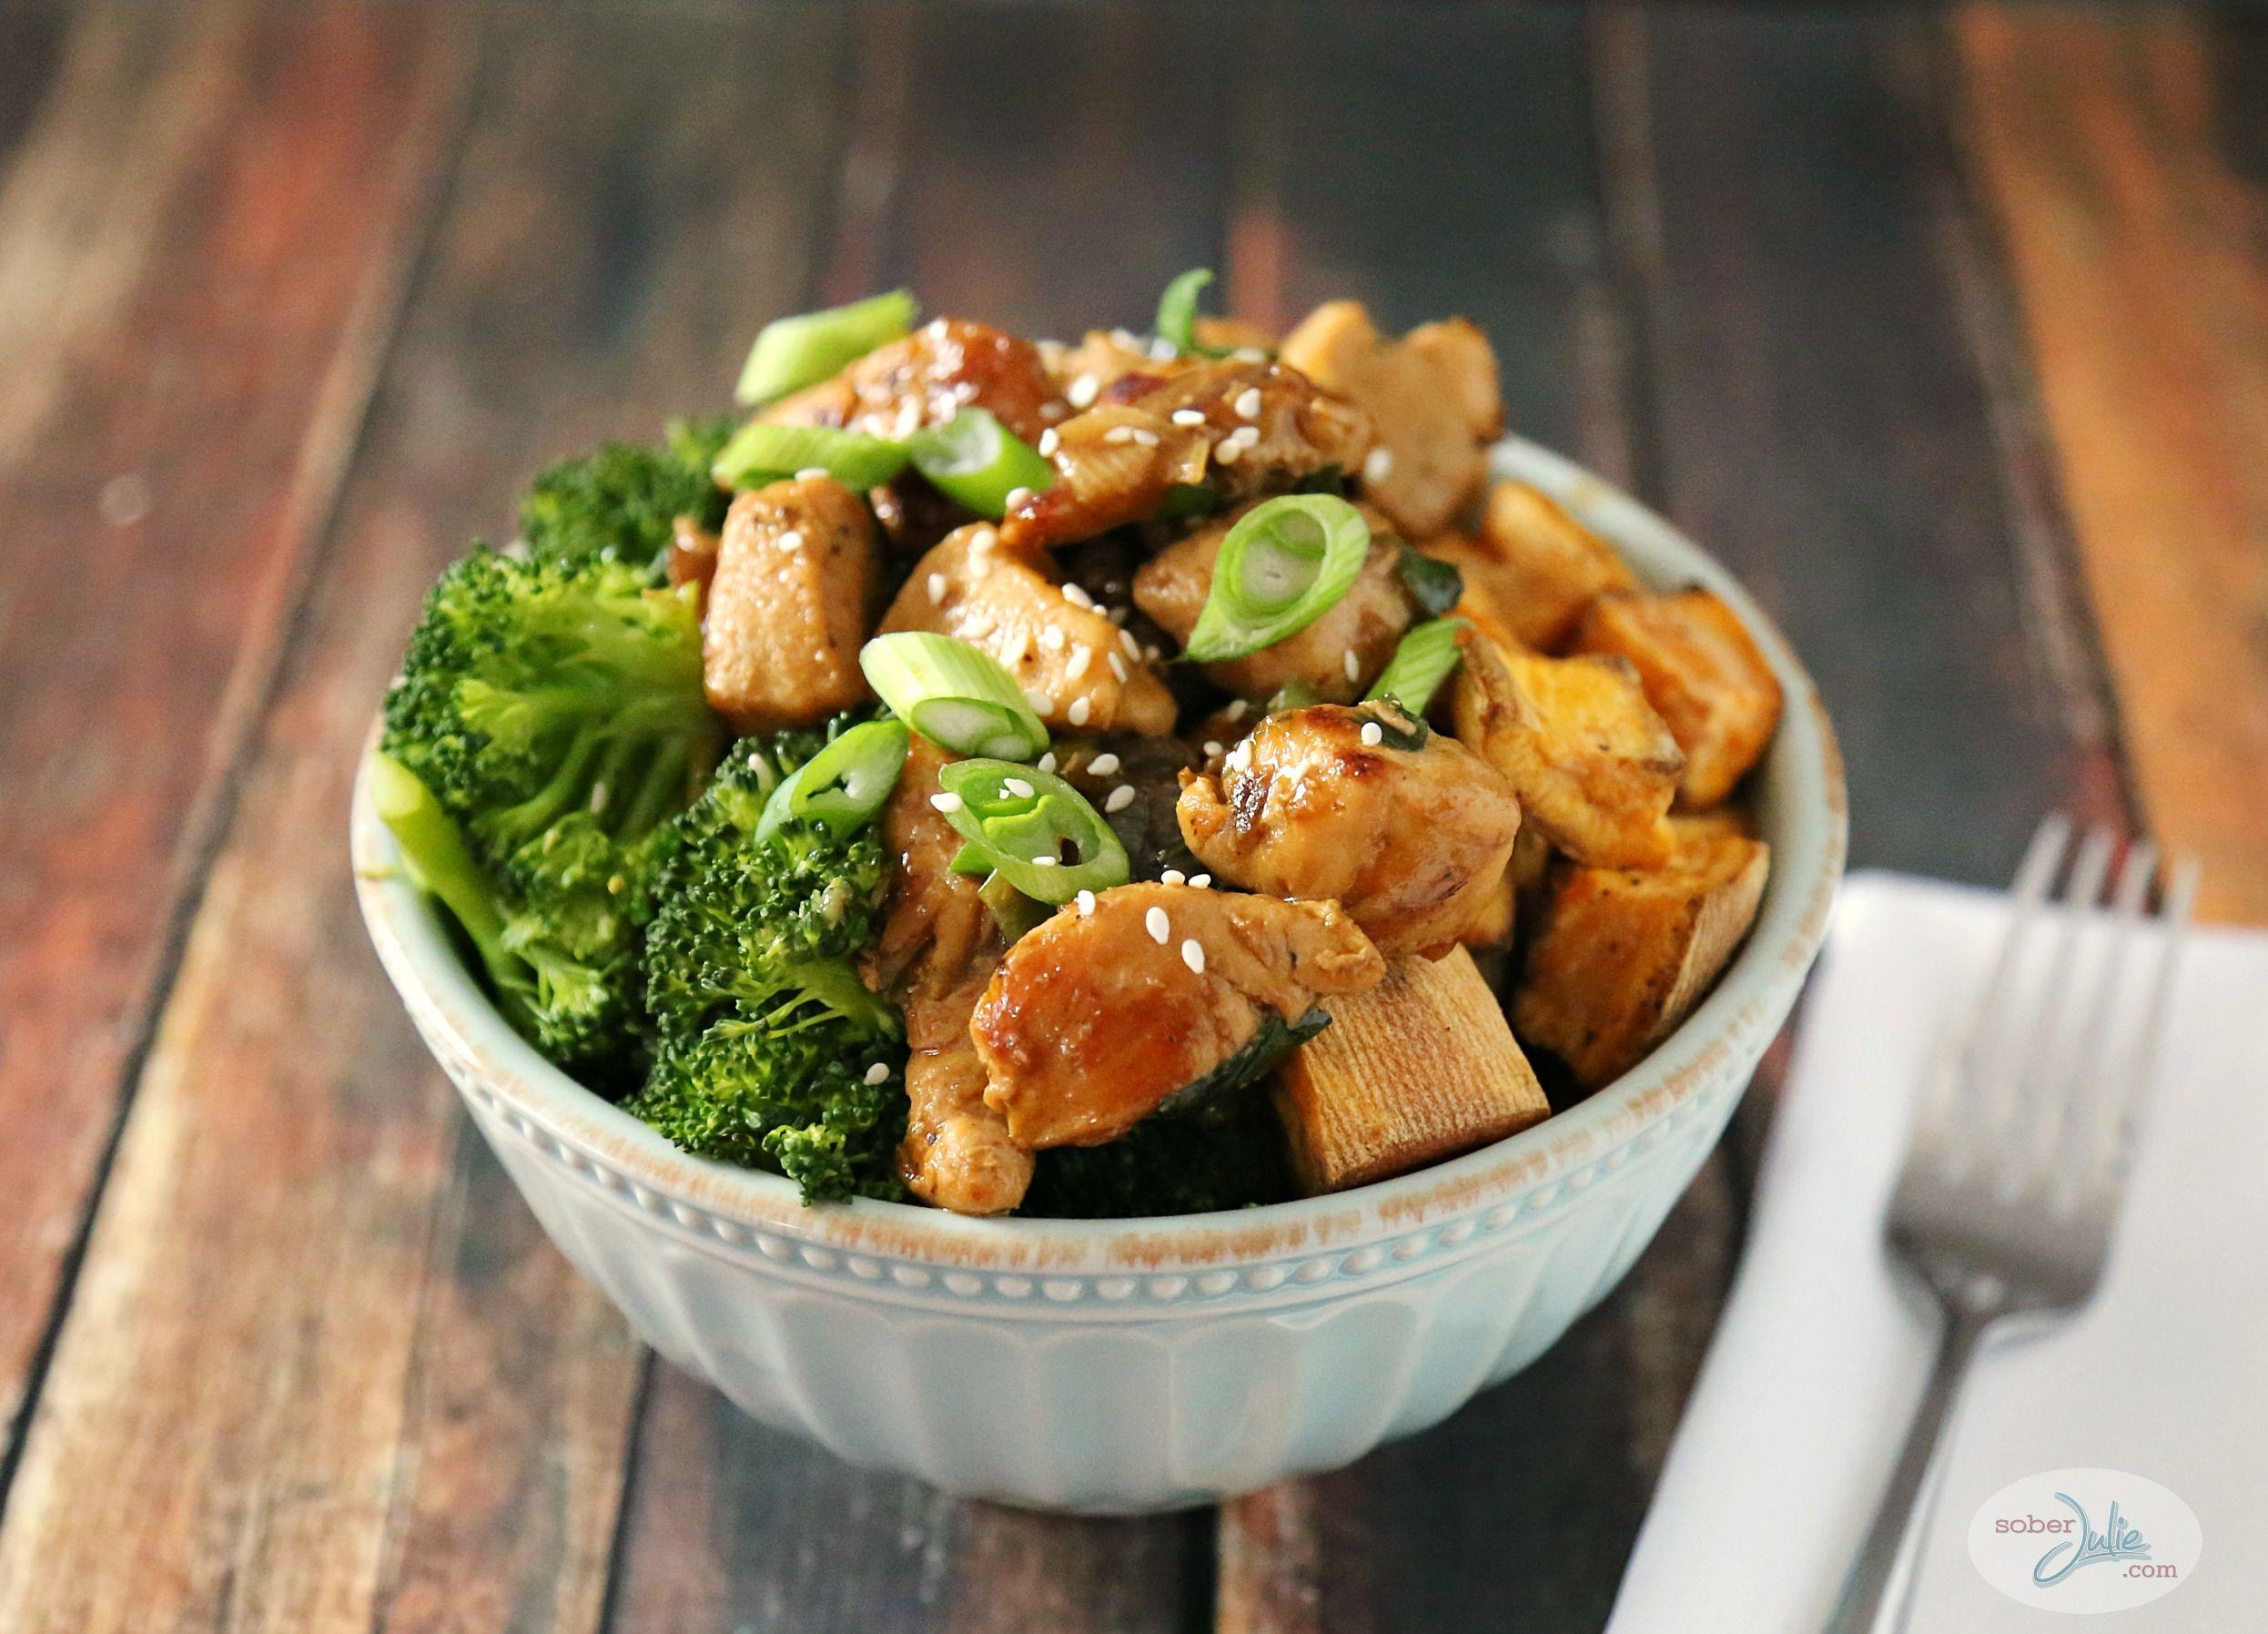 Chicken Teriyaki Bowl With Broccoli And Sweet Potato -6830